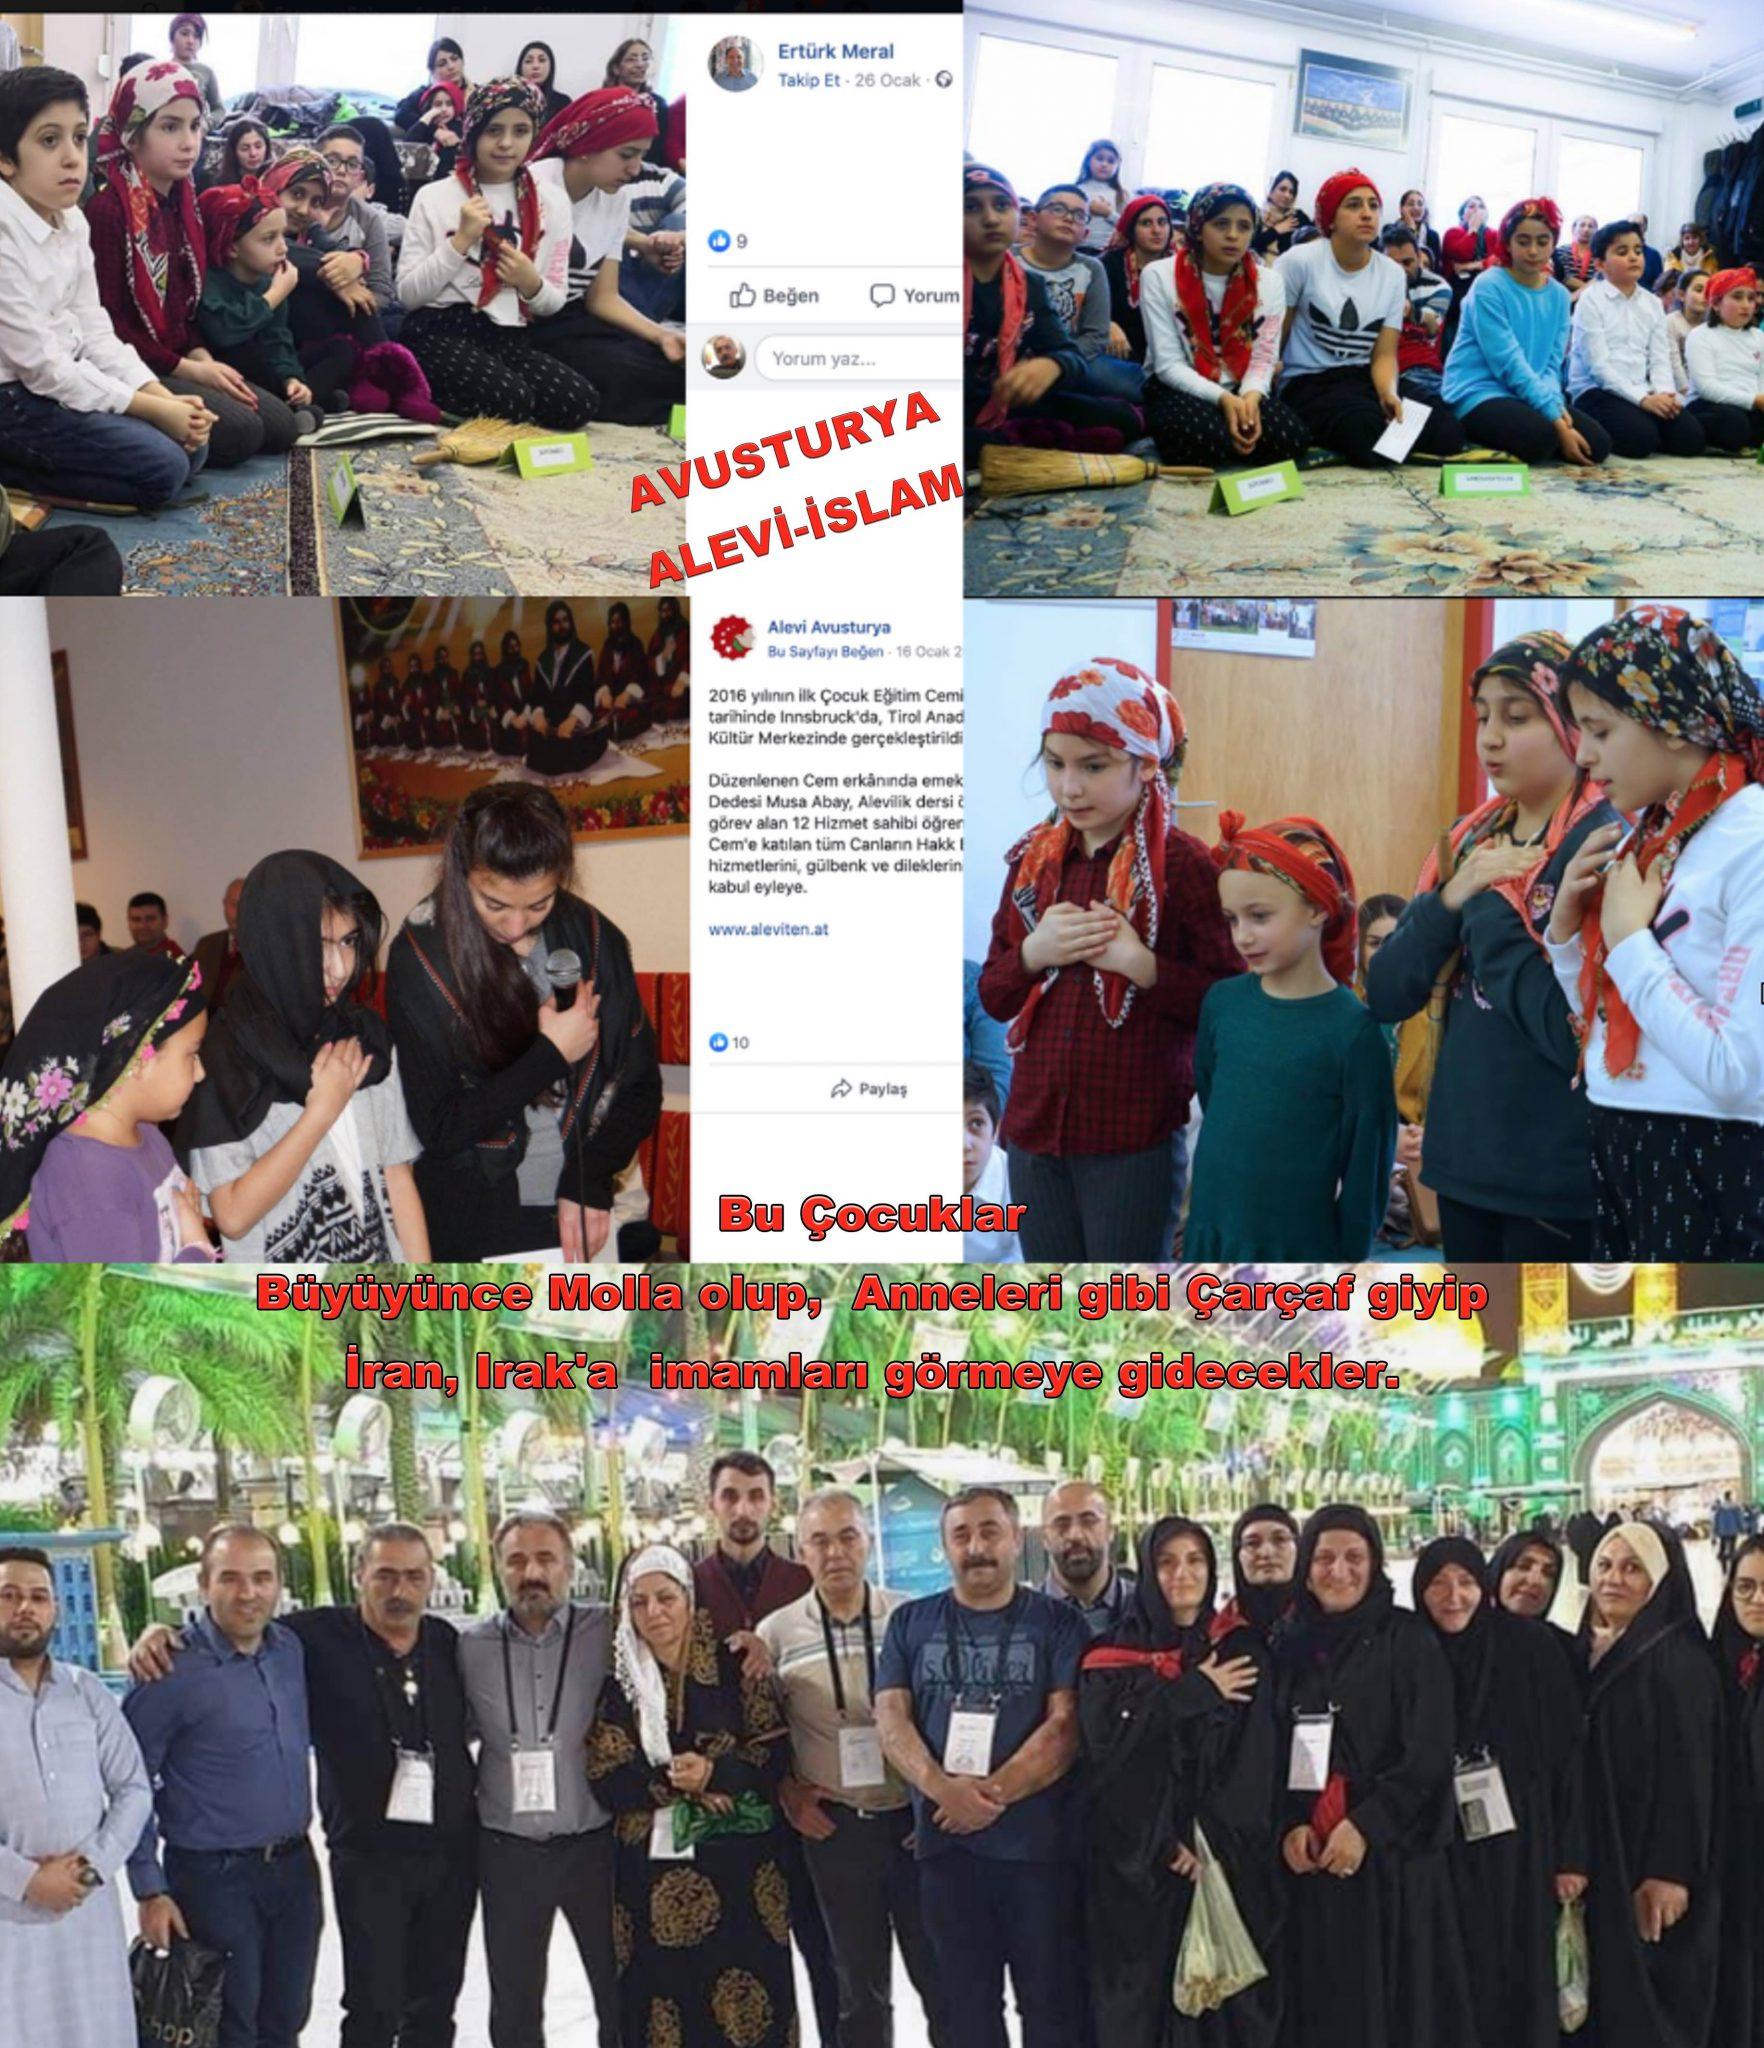 4 Avusturya Alevi islamcı Aleviler  DAB devrimci Aleviler Birliği molla çocuk çarsaf